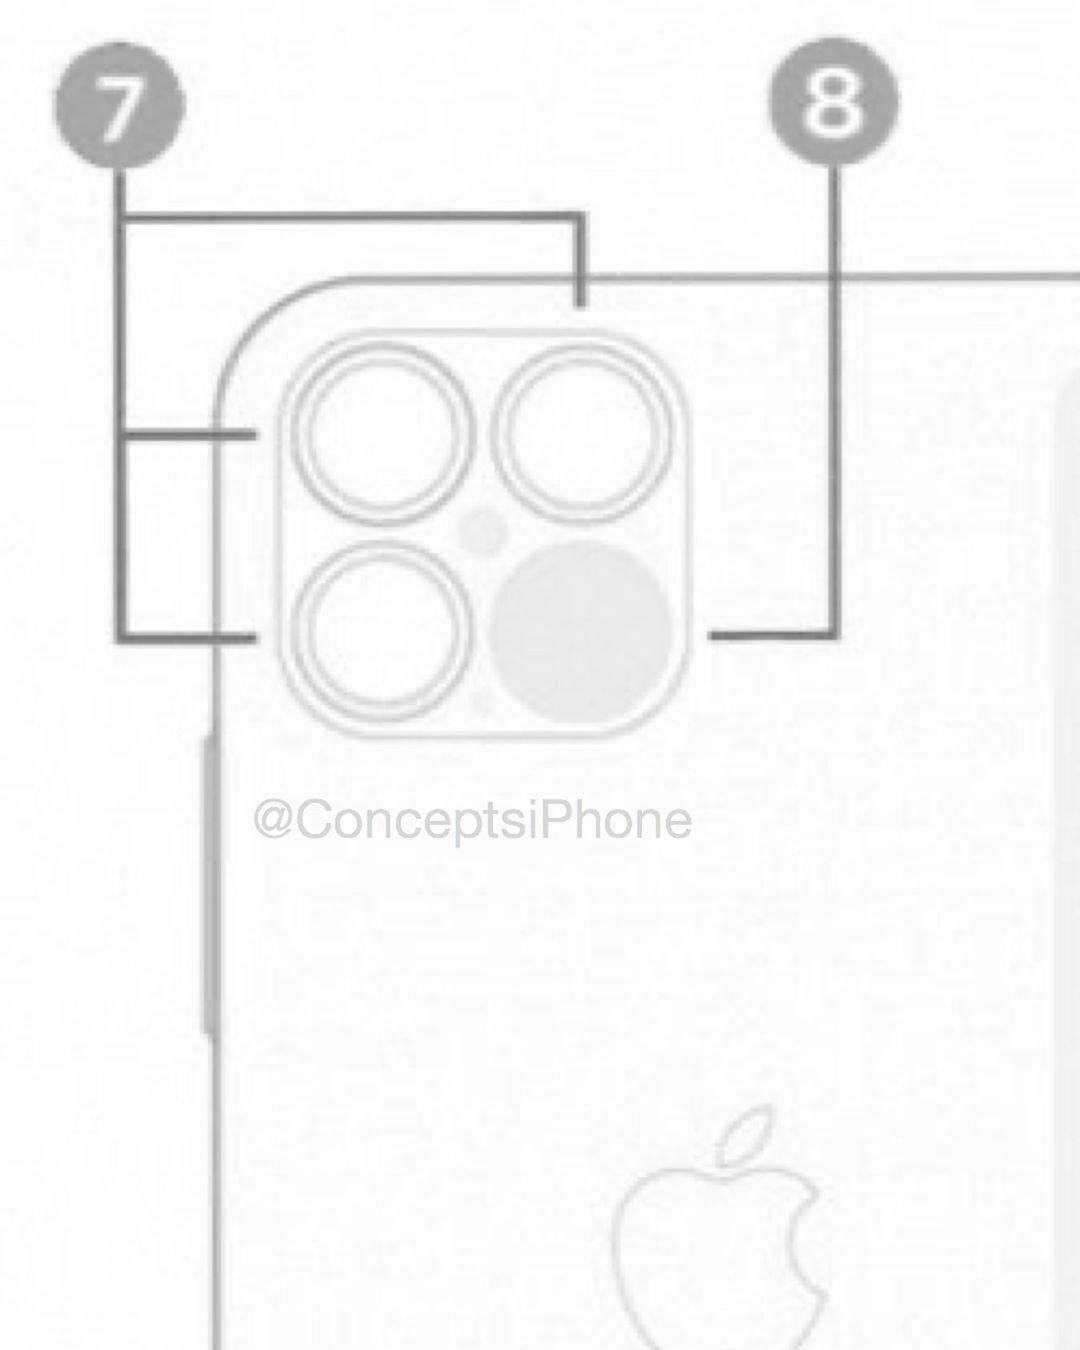 疑似iOS 14泄露iPhone 12相机排列示意图